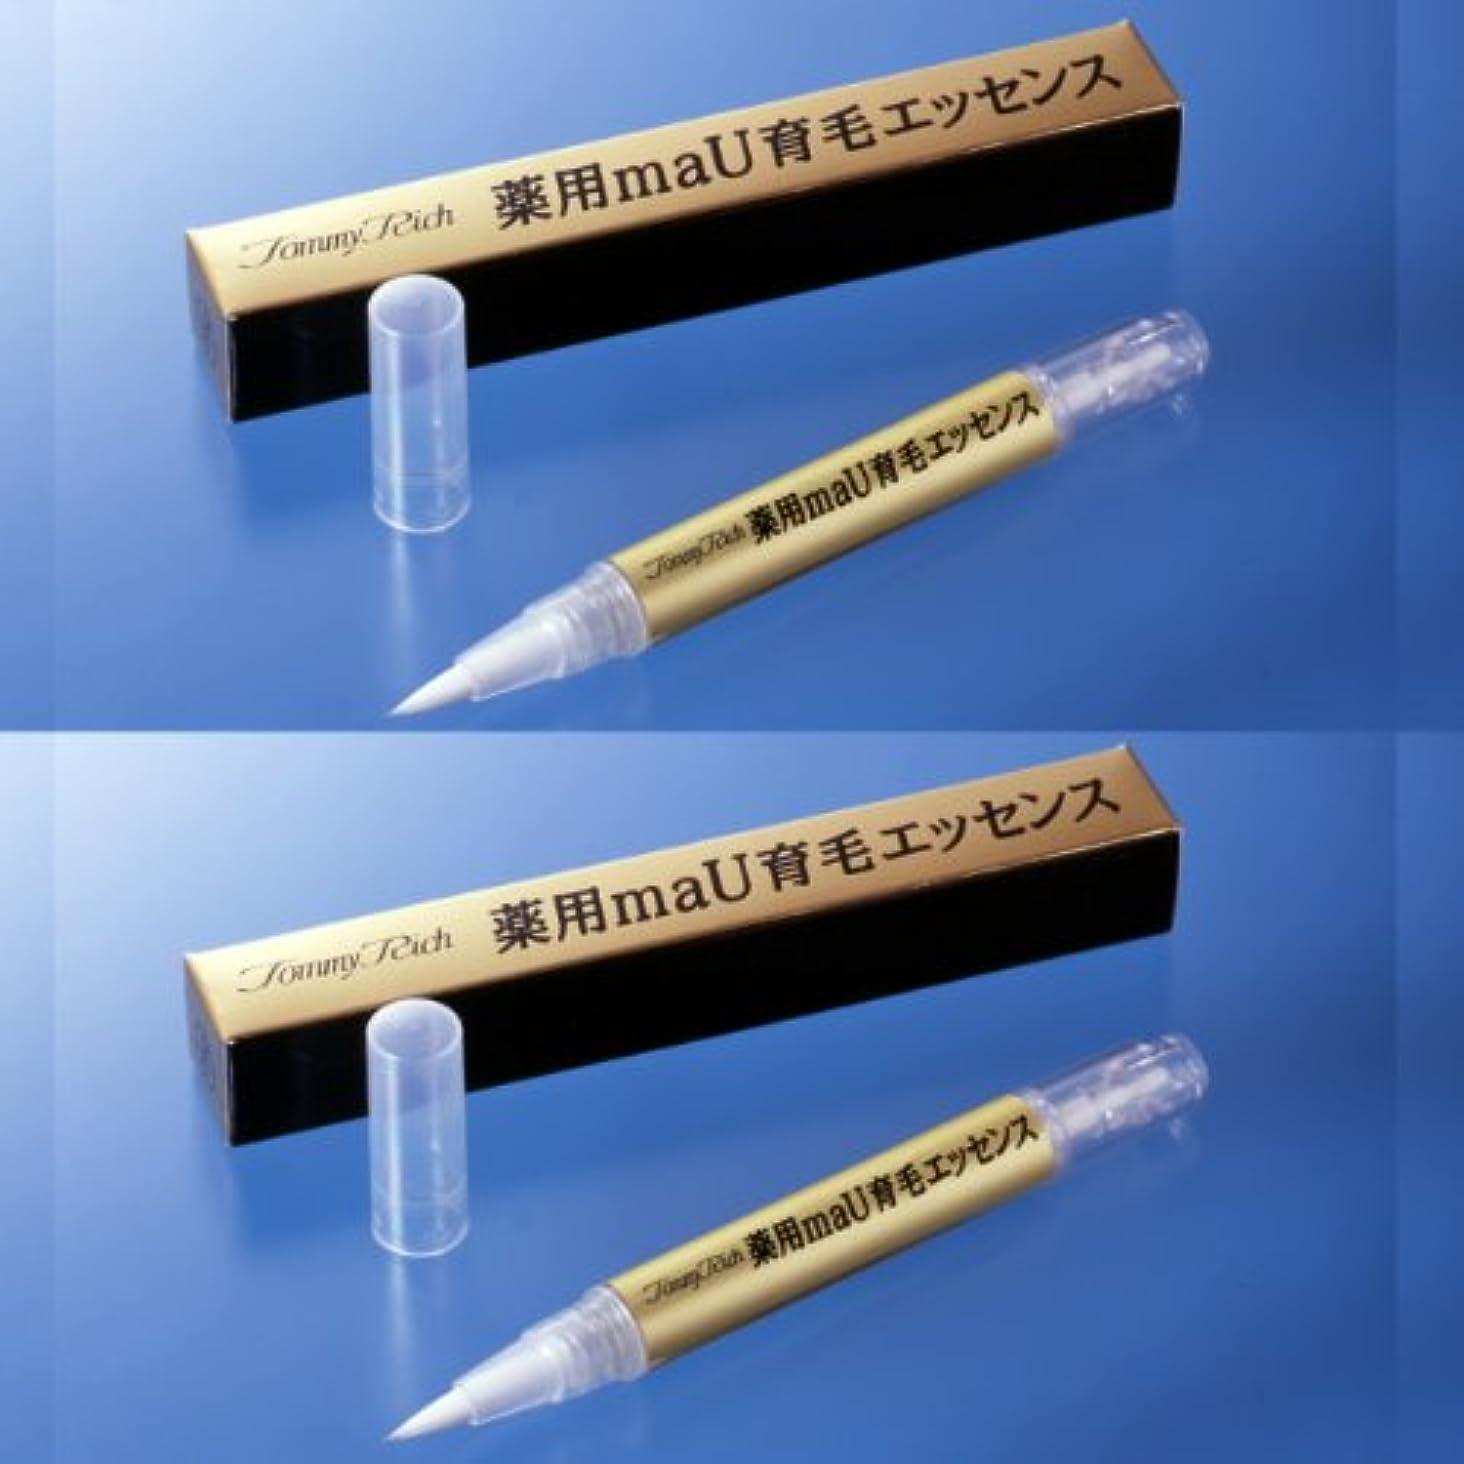 なんとなく一掃するマインドフルトミーリッチ 薬用 maU育毛エッセンス×2個セット  男女兼用   まゆ毛 マユ